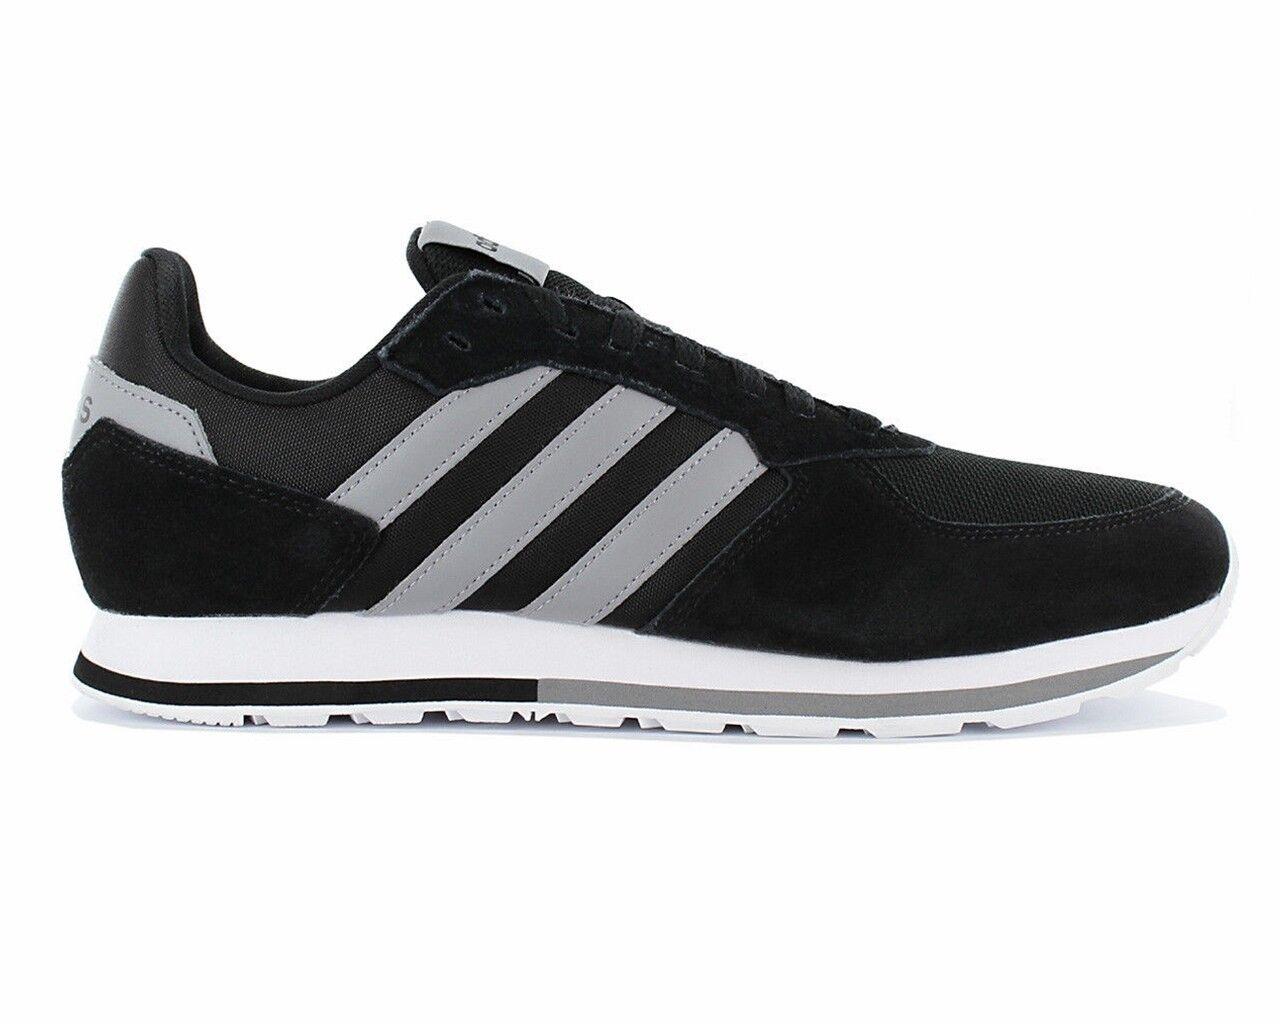 02fce4fe Adidas 8K DB1728 Zapatillas Negro Gimnasio Zapatos Hombre ntokzm539- Zapatillas deportivas